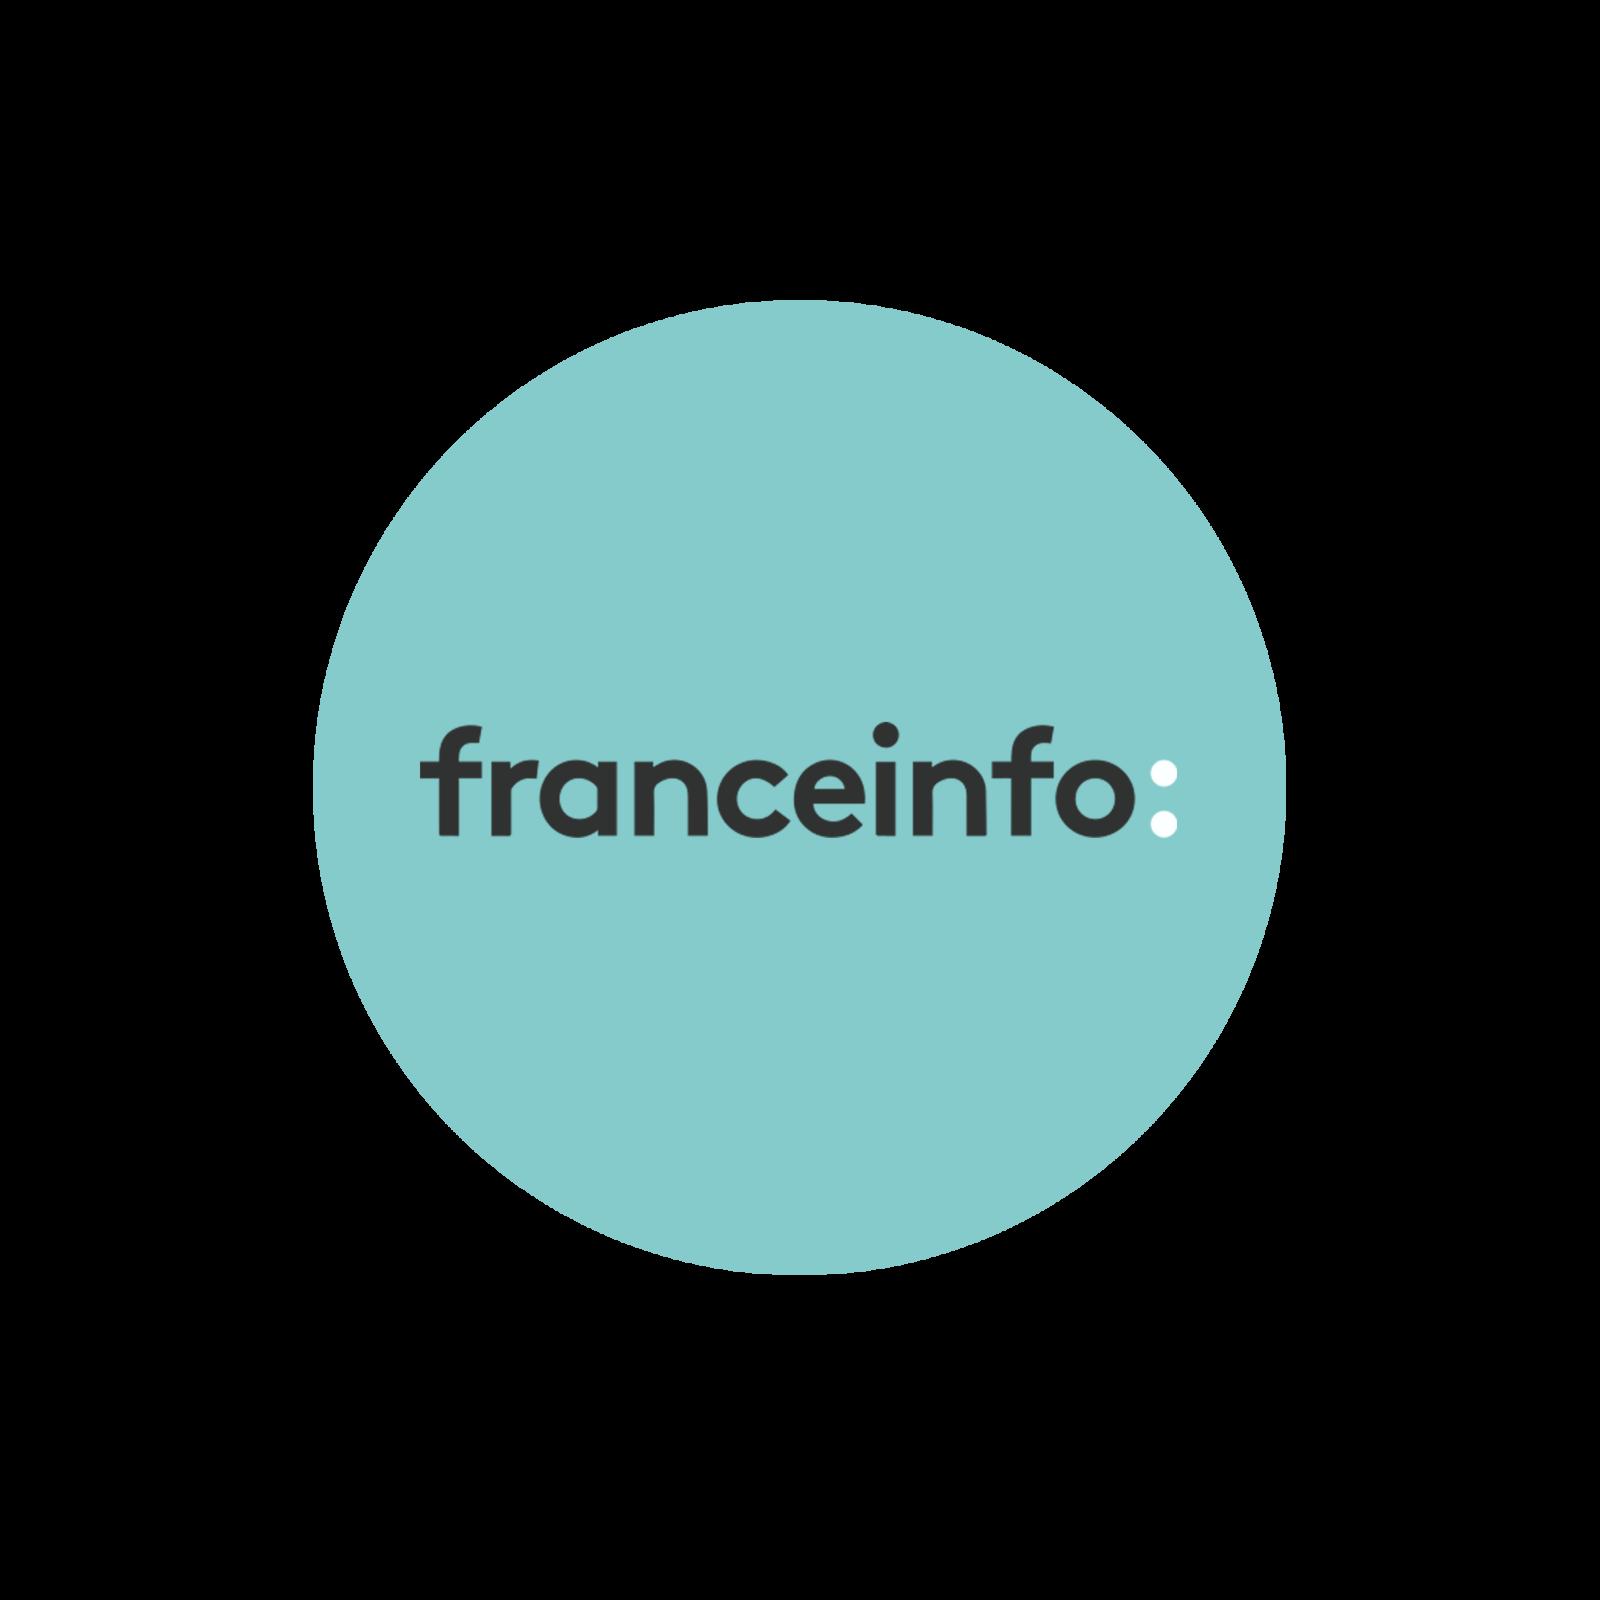 Résultat des élections en Italie : programmation spéciale sur franceinfo.